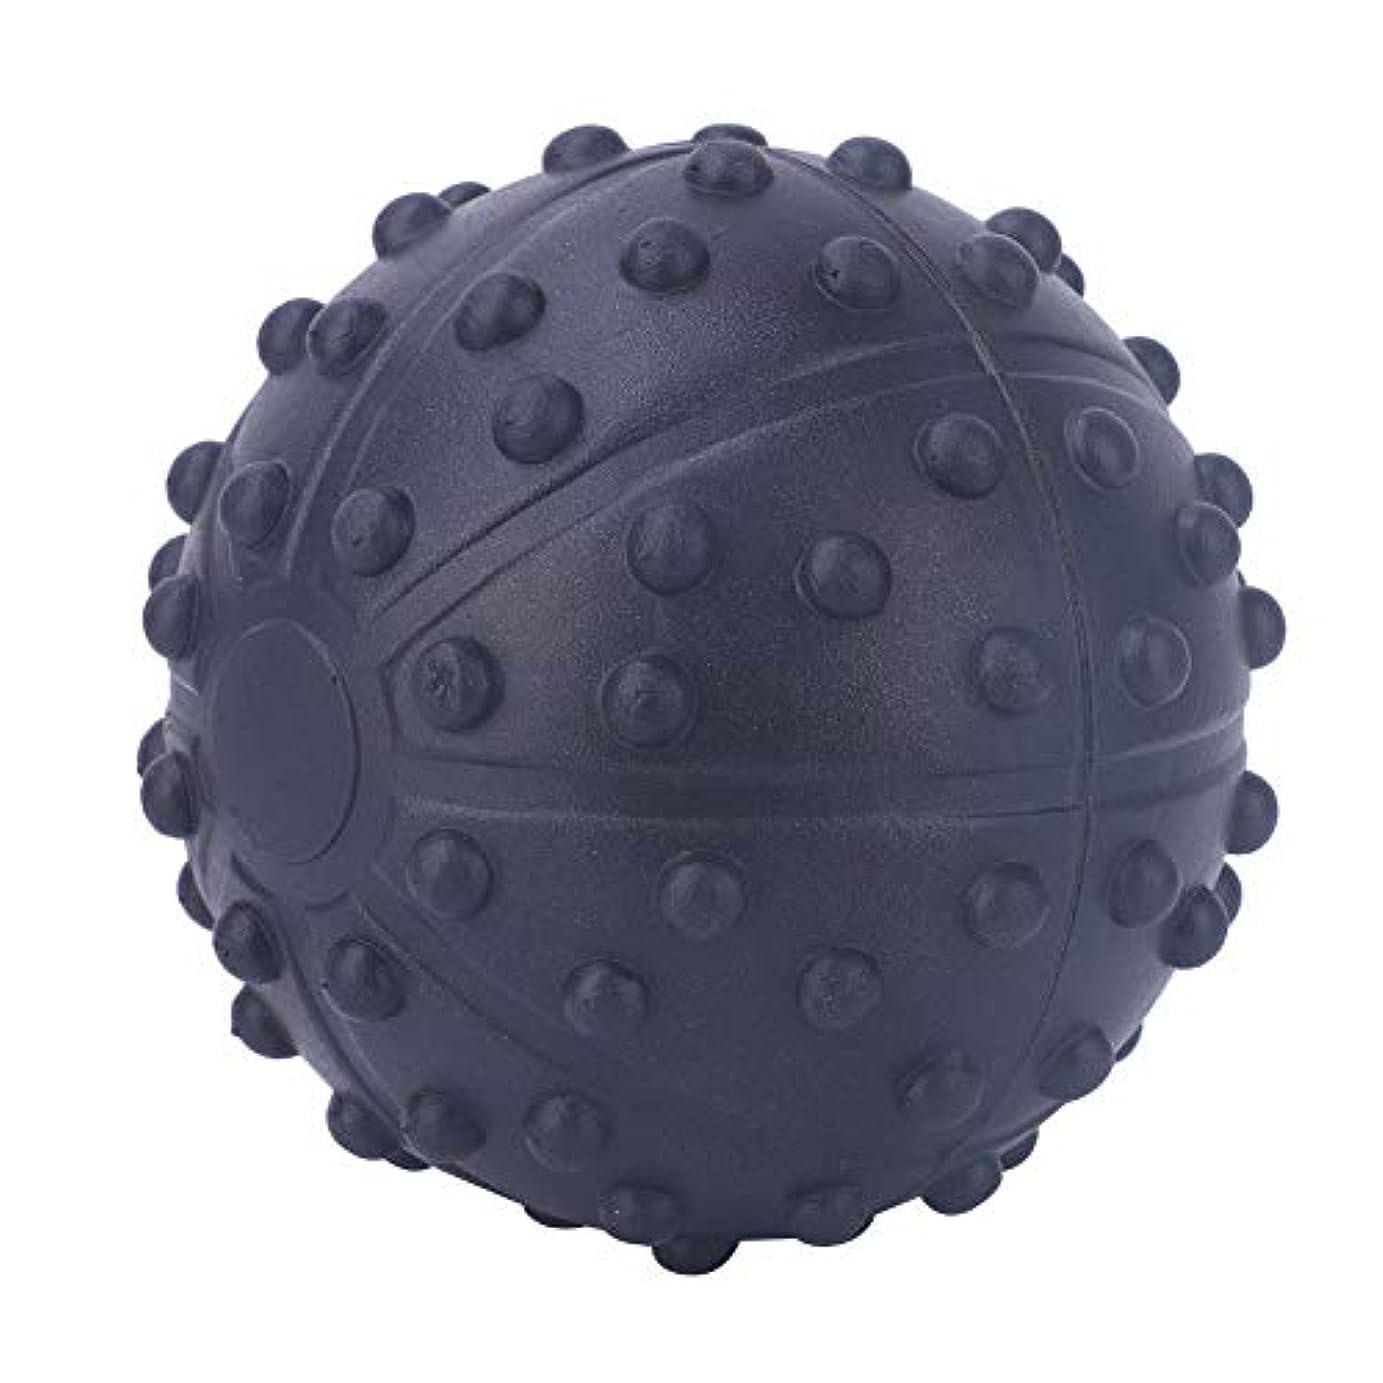 アレルギー性あなたのものチャーミング深いティッシュヨガの筋膜の球、ヨガの疲労筋肉は筋肉救済、背部、首および足のマッサージャーのためのスポーツの球を取り除きます